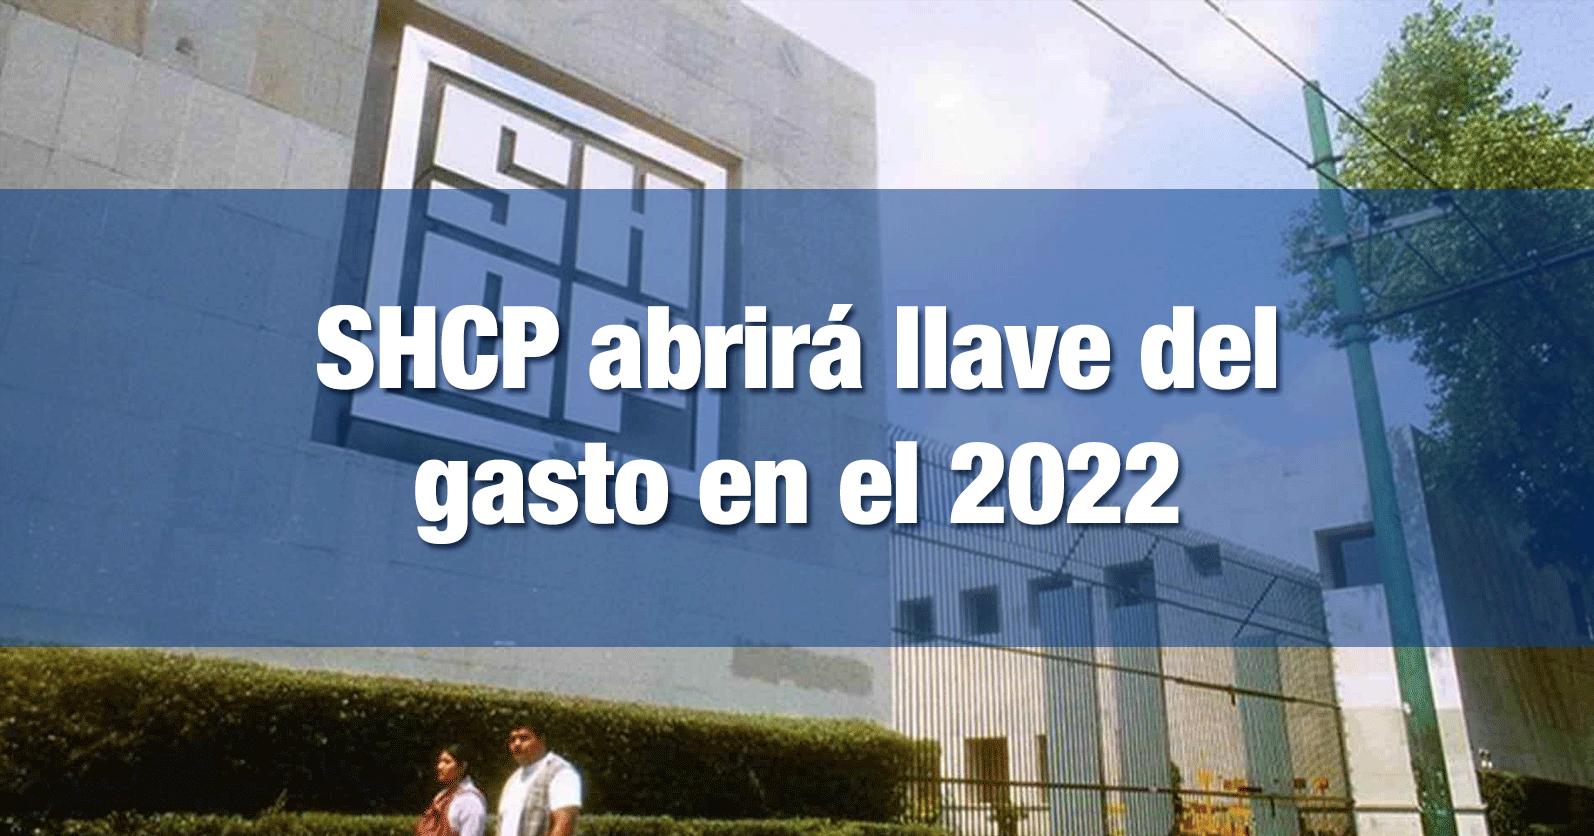 SHCP abrirá llave del gasto en el 2022